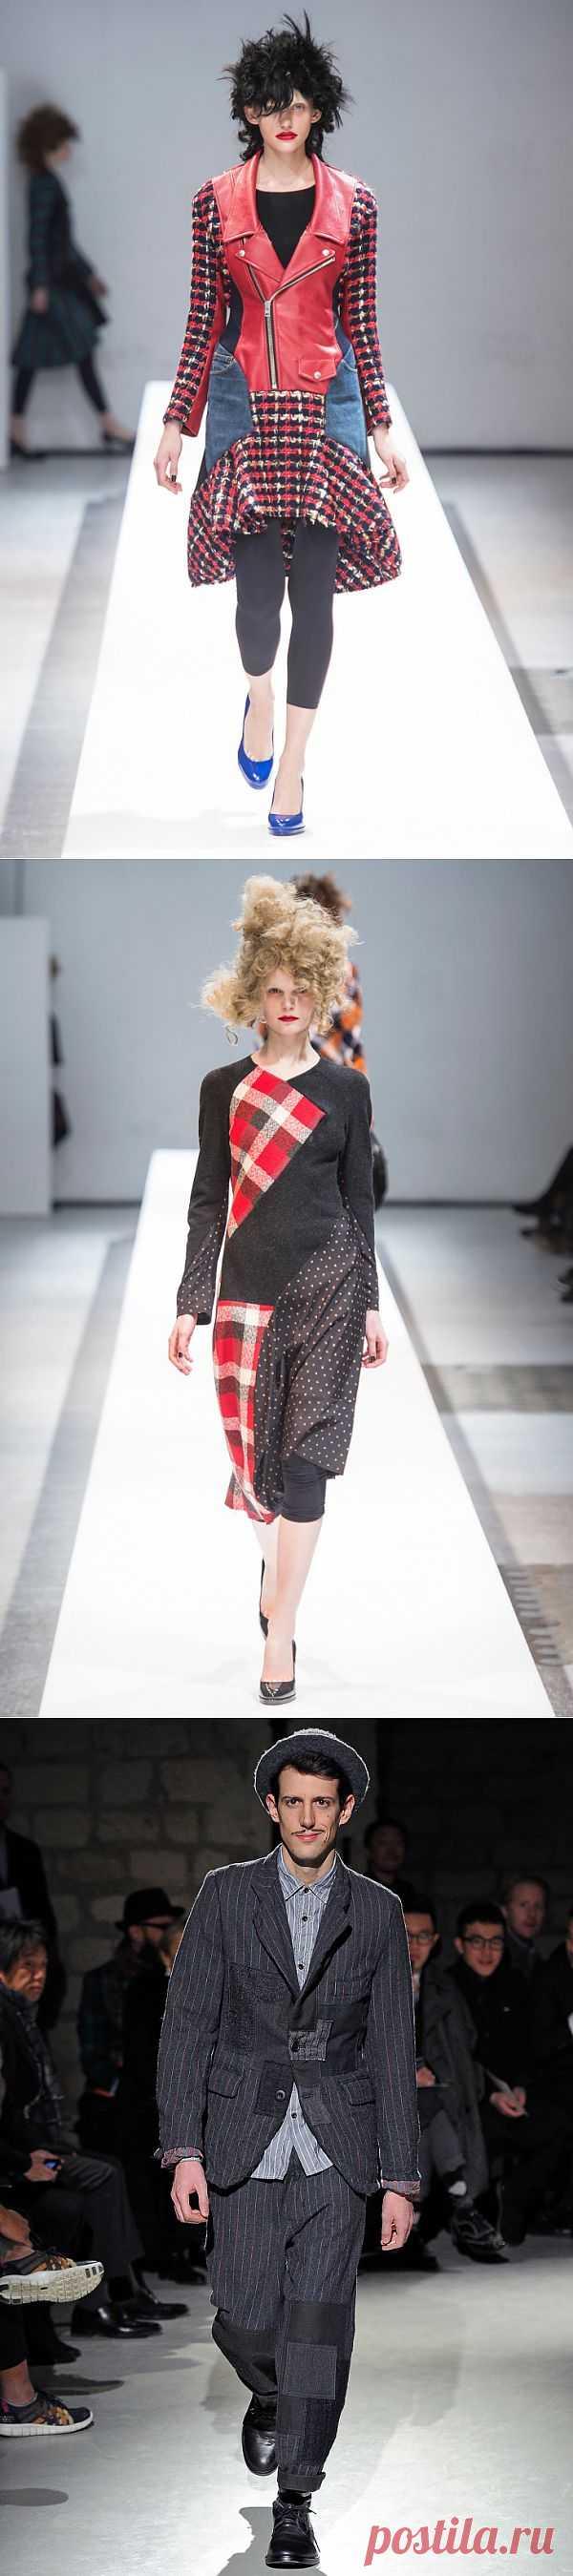 Коллекции 2013 Junya Watanabe (трафик) / Дизайнеры / Модный сайт о стильной переделке одежды и интерьера